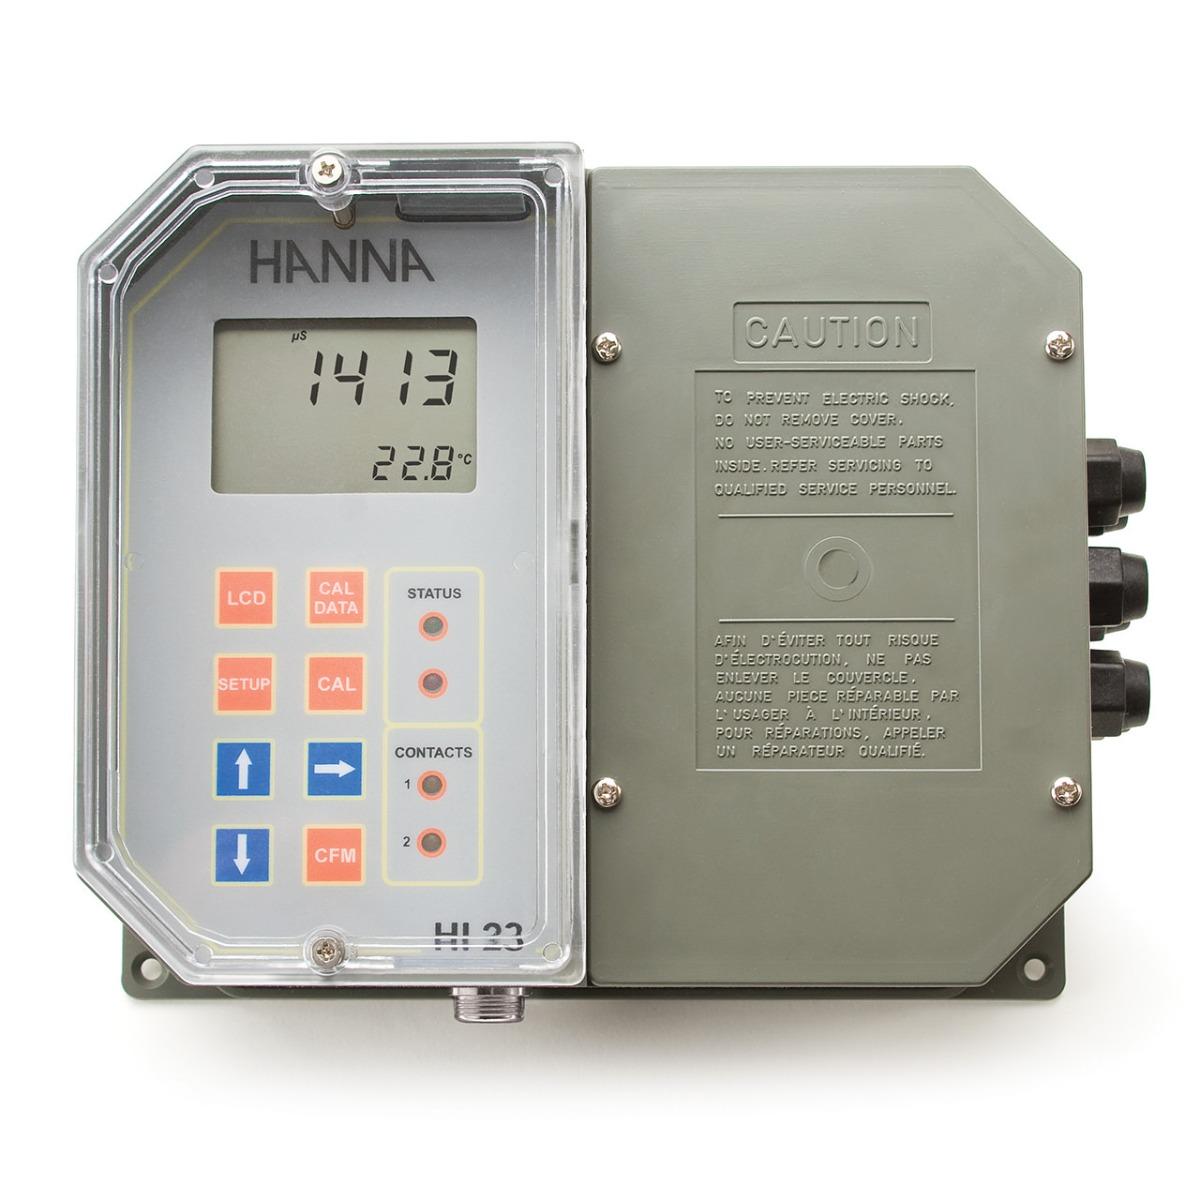 HI23211-2 Regolatore di conducibilità da parete, punto di set doppio, controllo ON/OFF, uscita analogica, 230 Vac